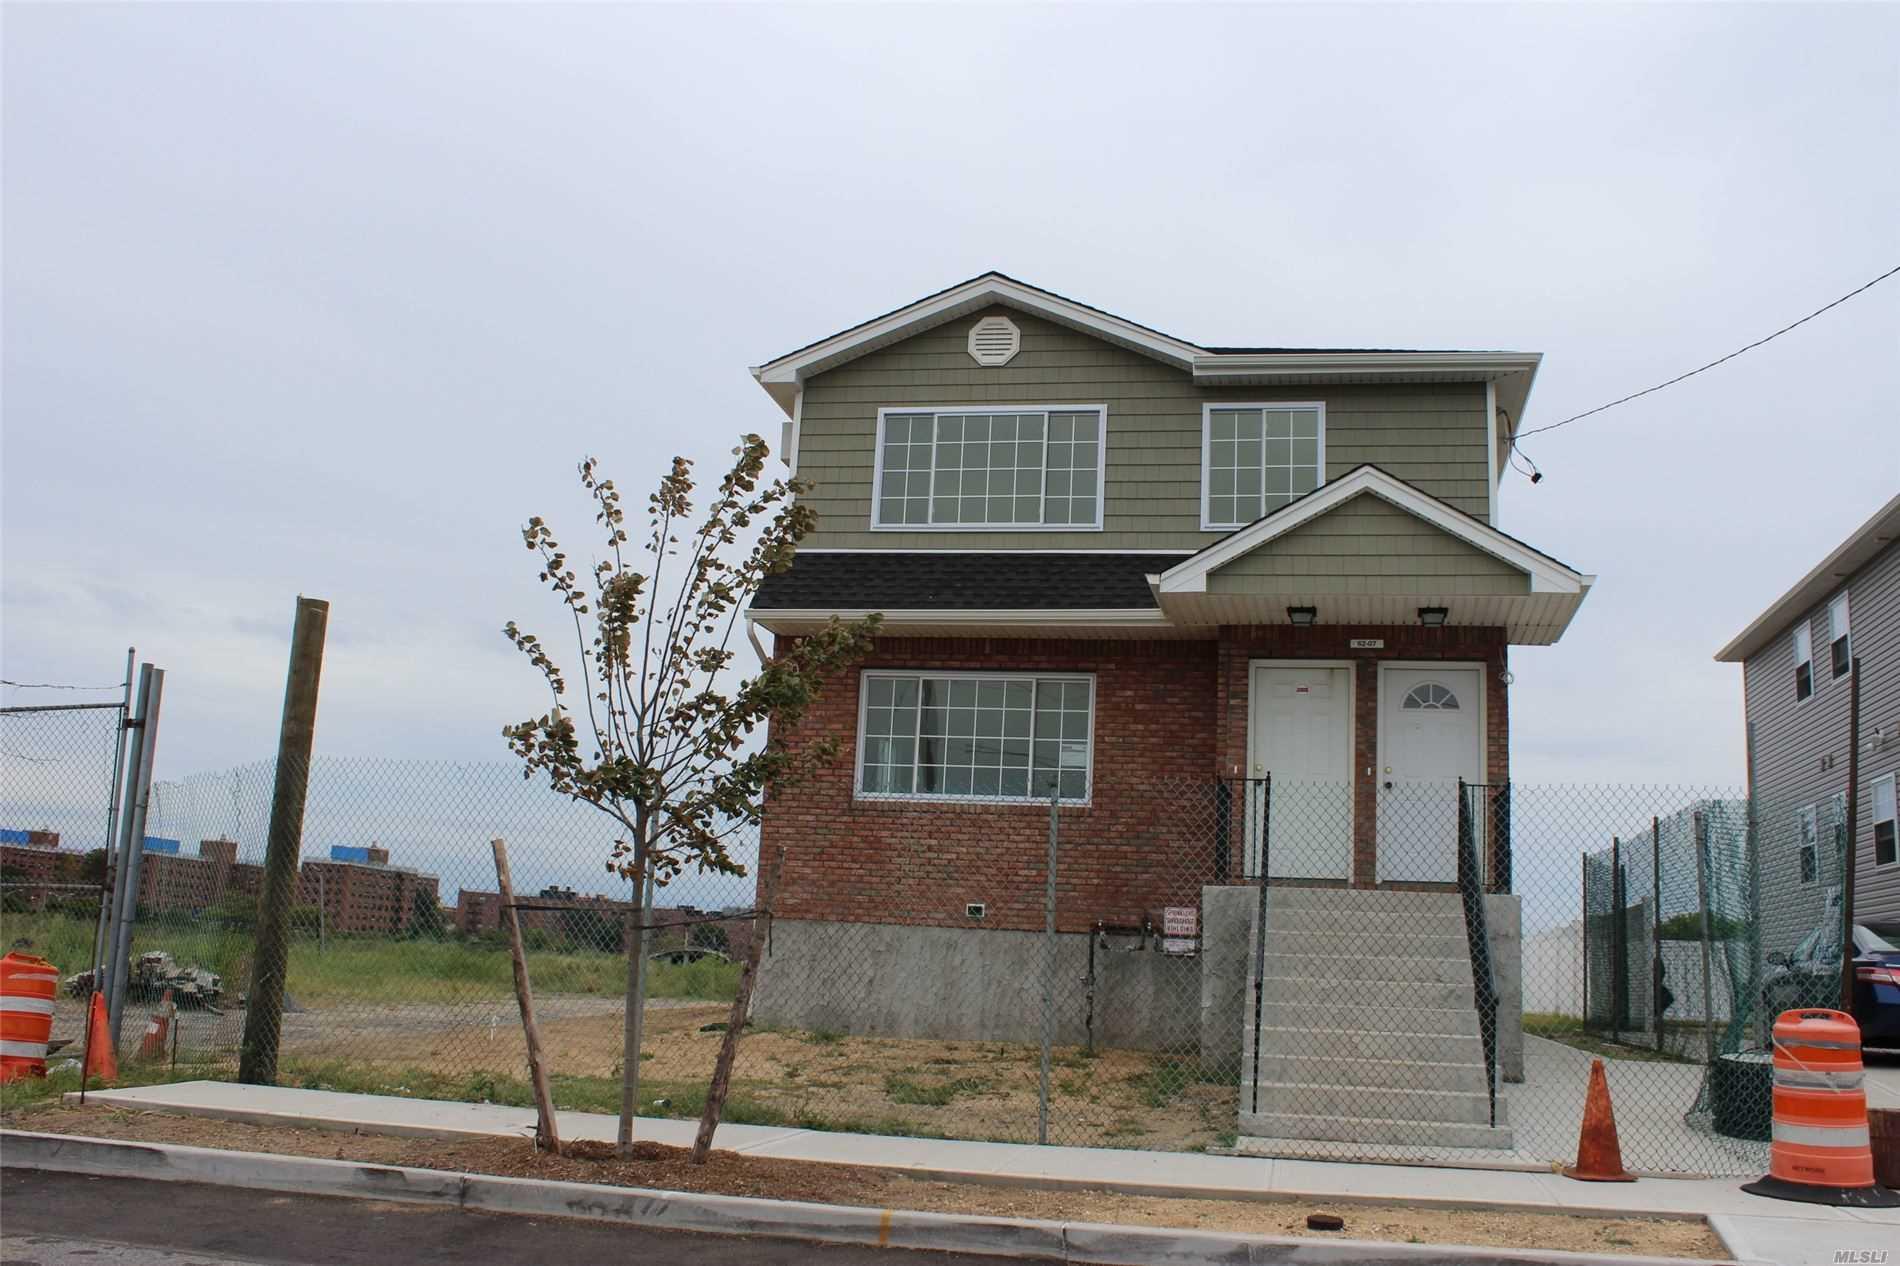 Property for sale at 6259 Decosta Avenue, Arverne NY 11692, Arverne,  New York 11692